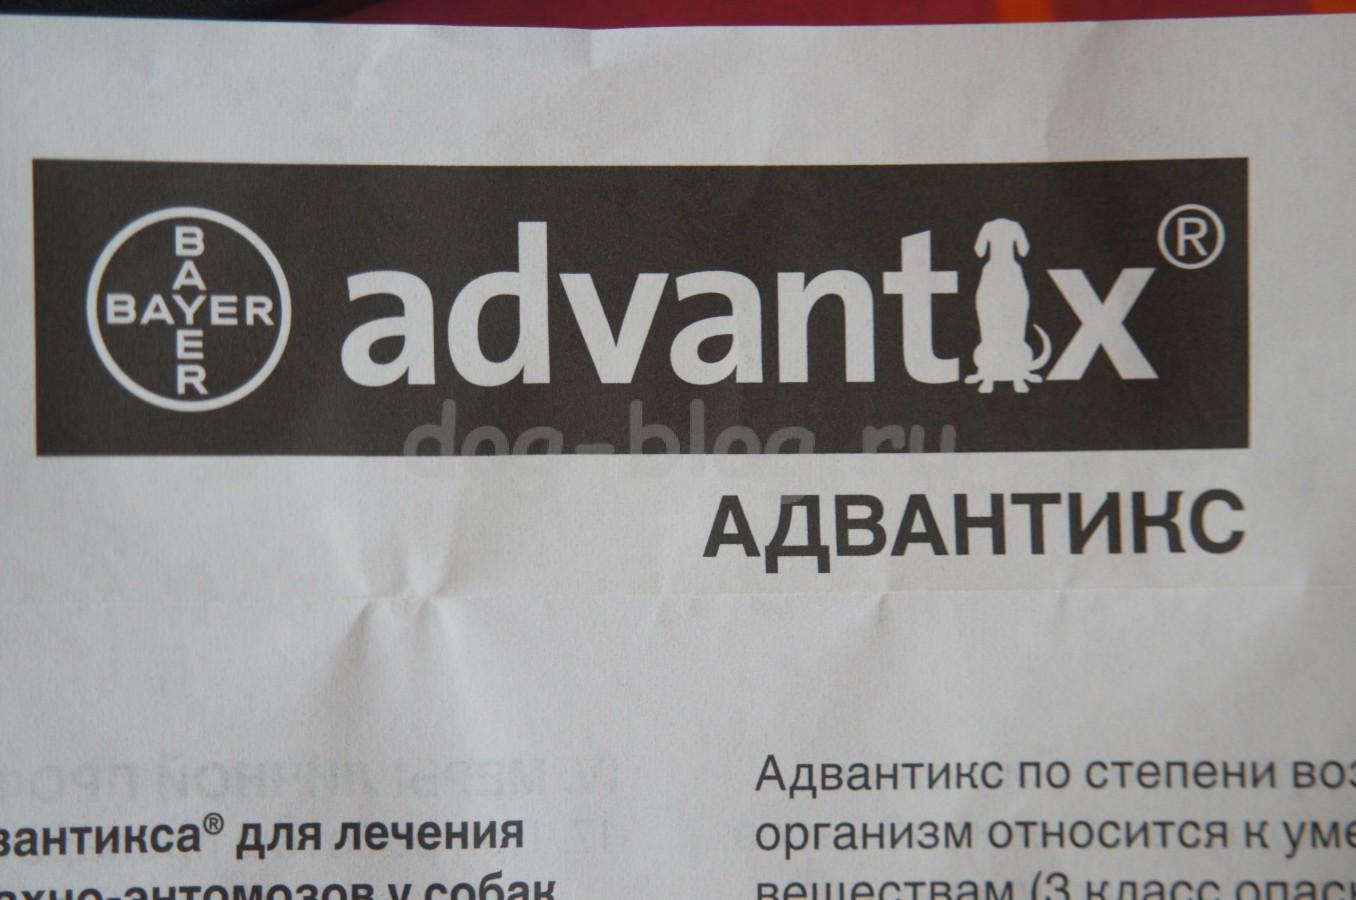 Средство обработки собаки для защиты от клещей Адвантикс